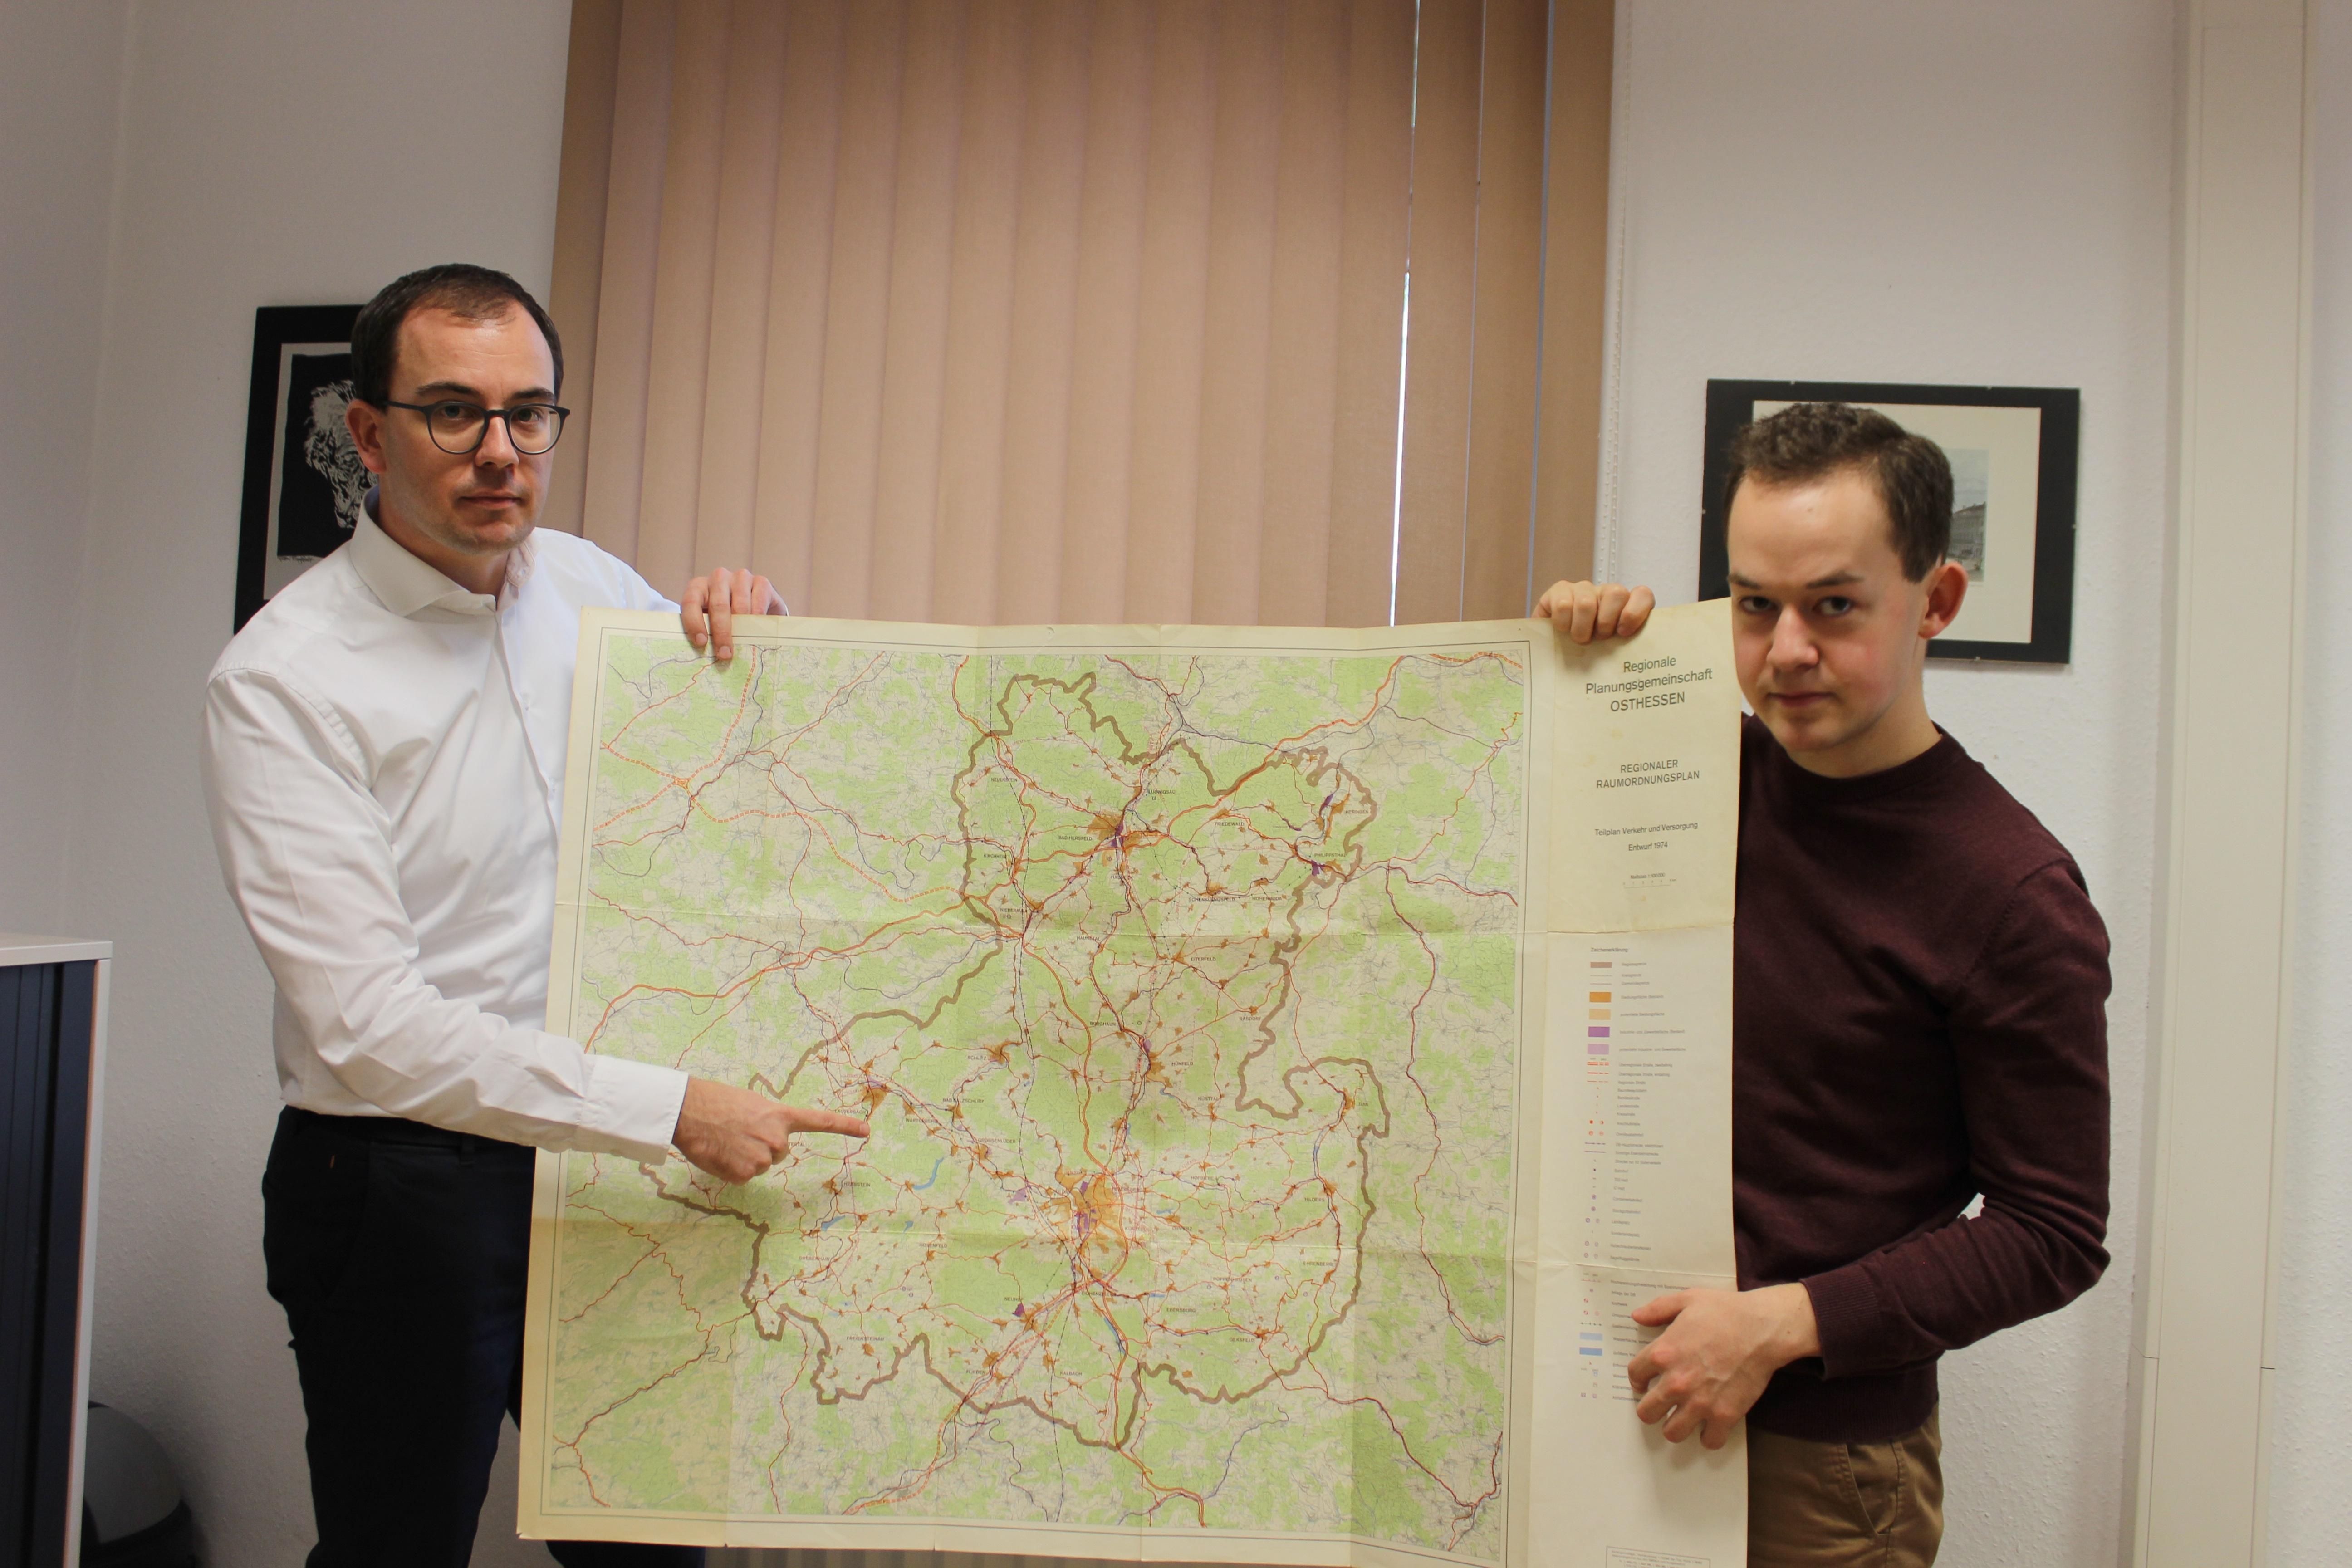 Weiteres Hindernis überwunden: Die Ortsumfahrung Lauterbach/Wartenberg wurde schon mindestens 1974 geplant, wie Felix Wohlfahrt (links) und Lukas Kaufmann (beide CDU) anhand eines damaligen Raumordnungsplanes erläutern.